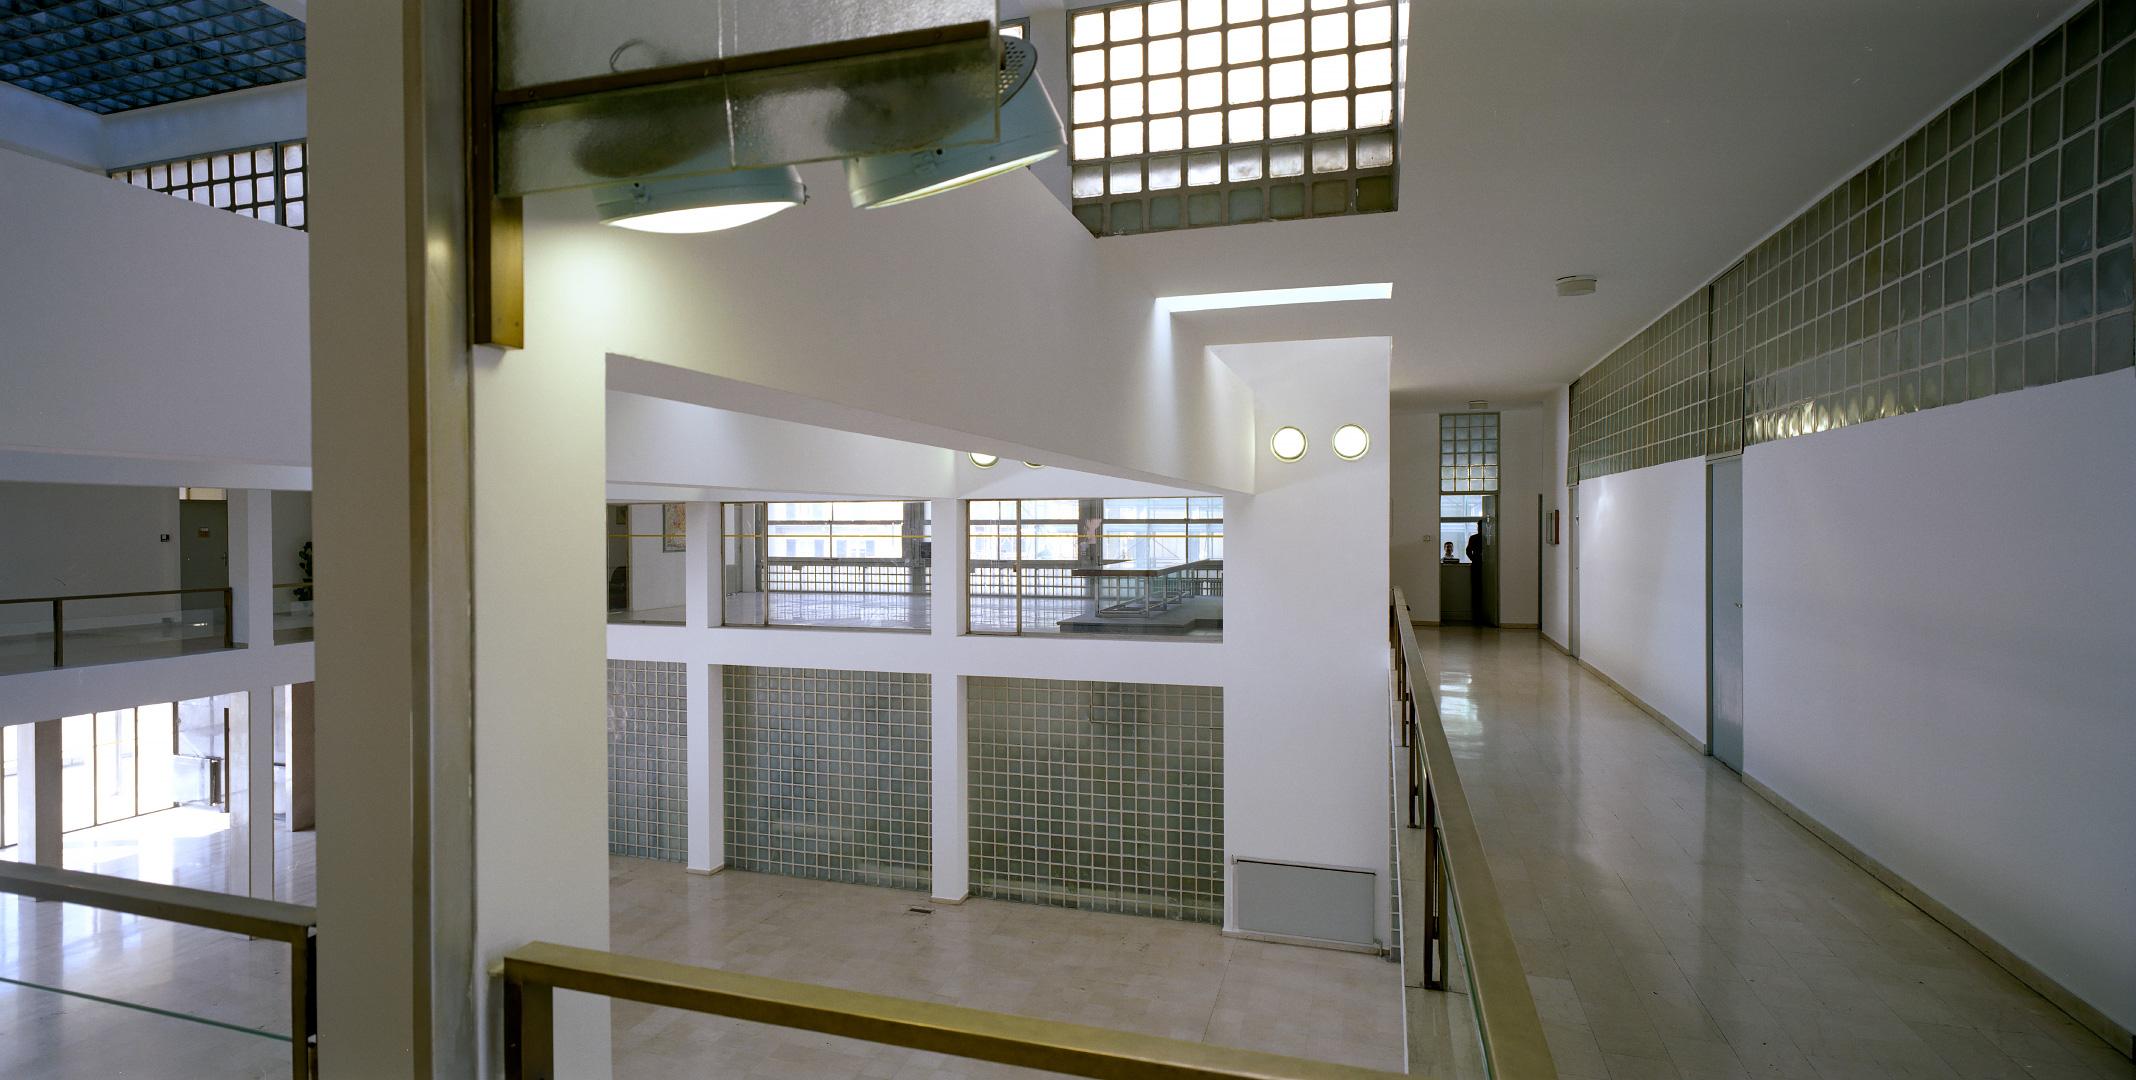 casa-del-fascio-como_21_Terragni-Como-Casa-del-Fascio-6276-1